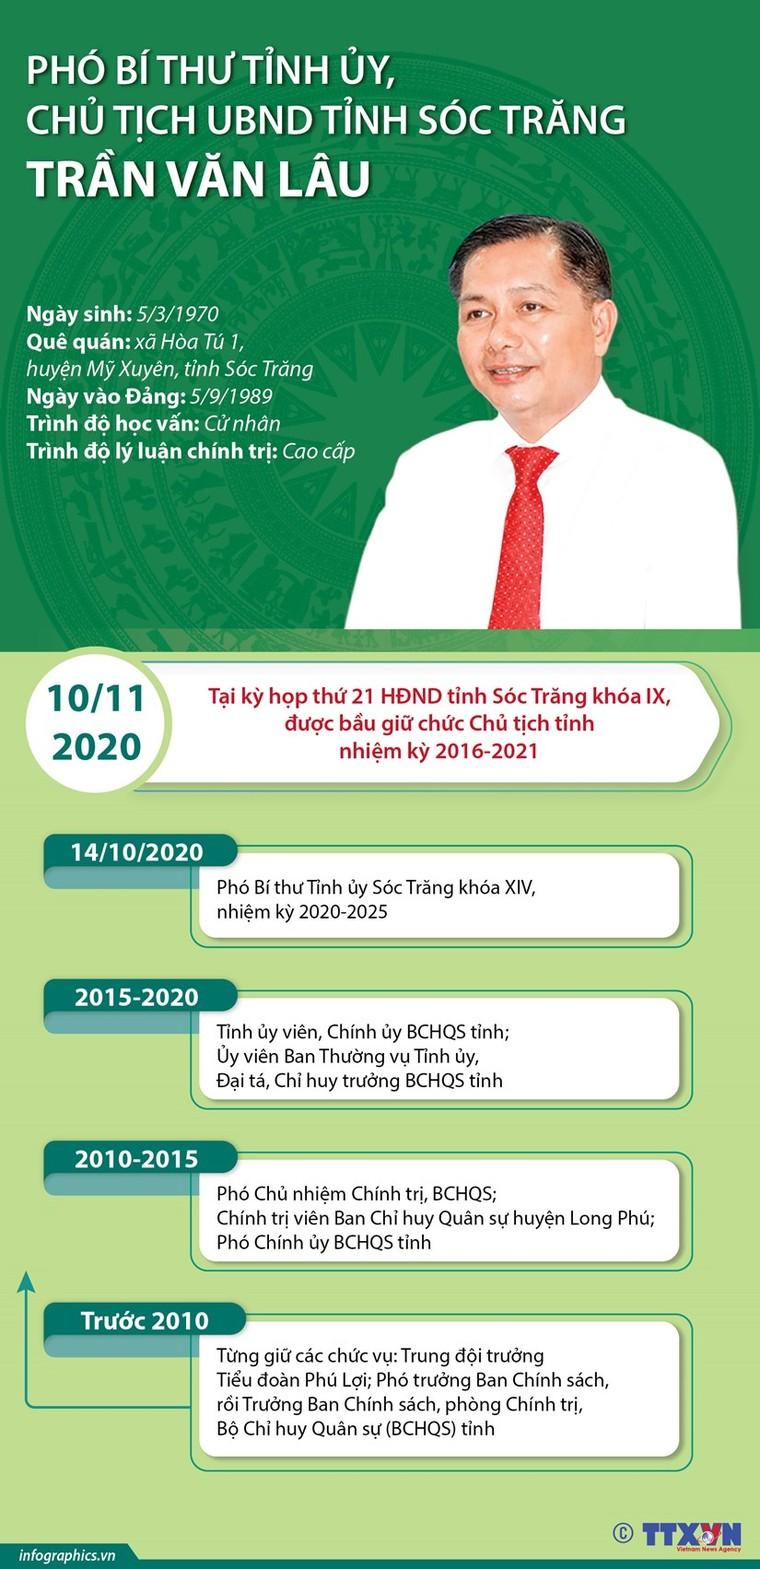 7 tân Chủ tịch UBND tỉnh được bầu tuần qua gồm những ai? ảnh 5